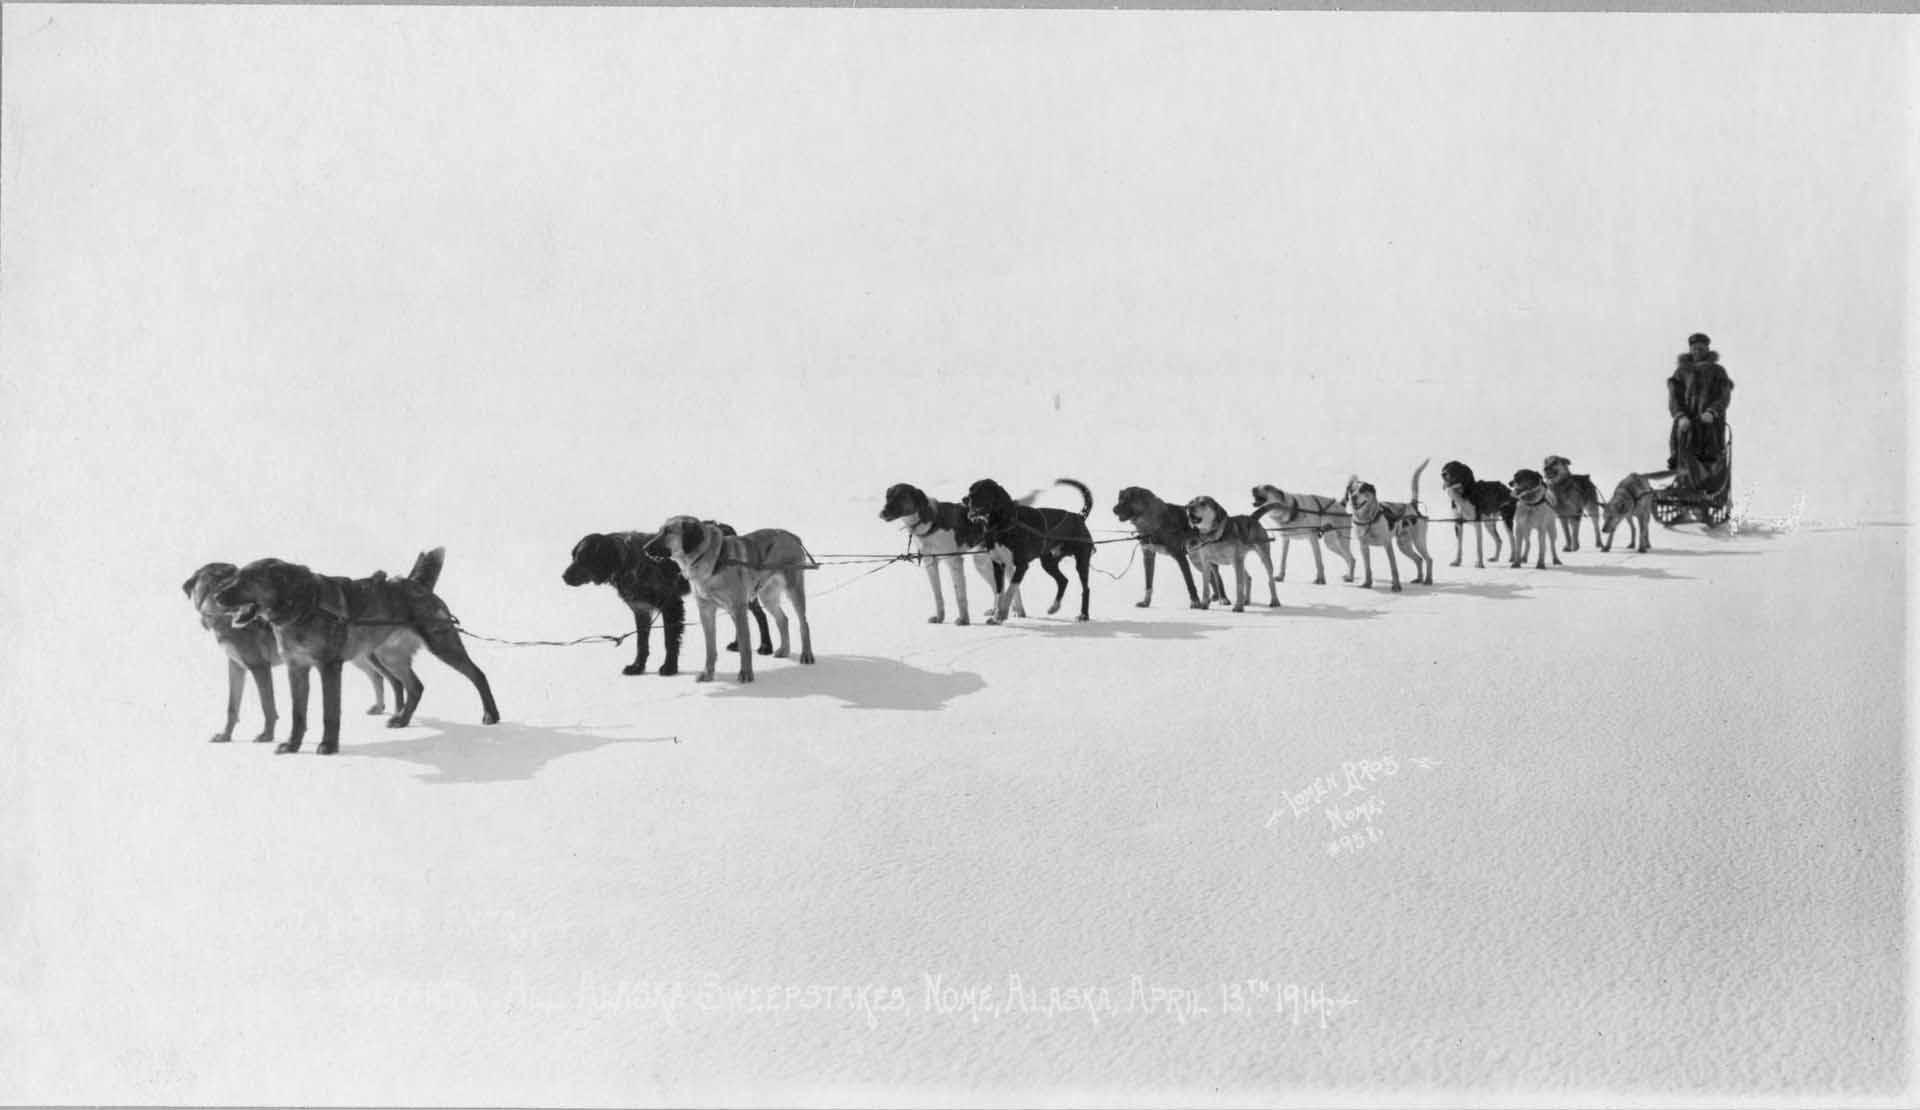 All Alaska Sweepstakes verseny bemutató cikk a Kutyafogat túra Mátrafüred